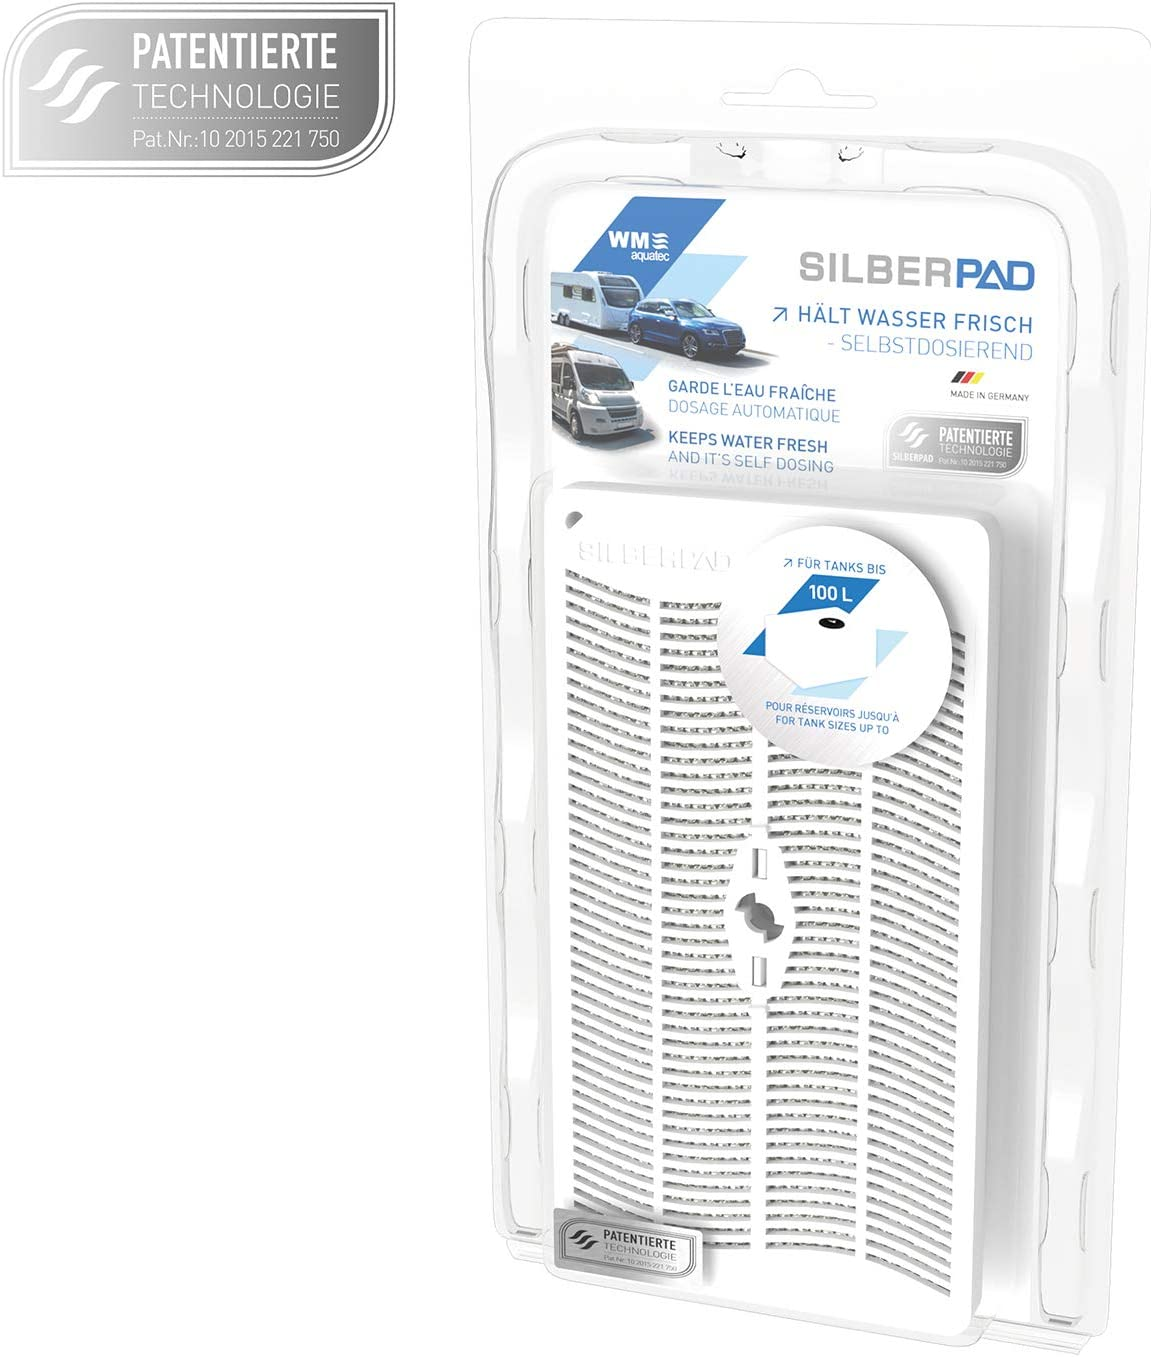 Wm Aquatec Silberpad Zur Automatischen Wasserkonservierung Auto